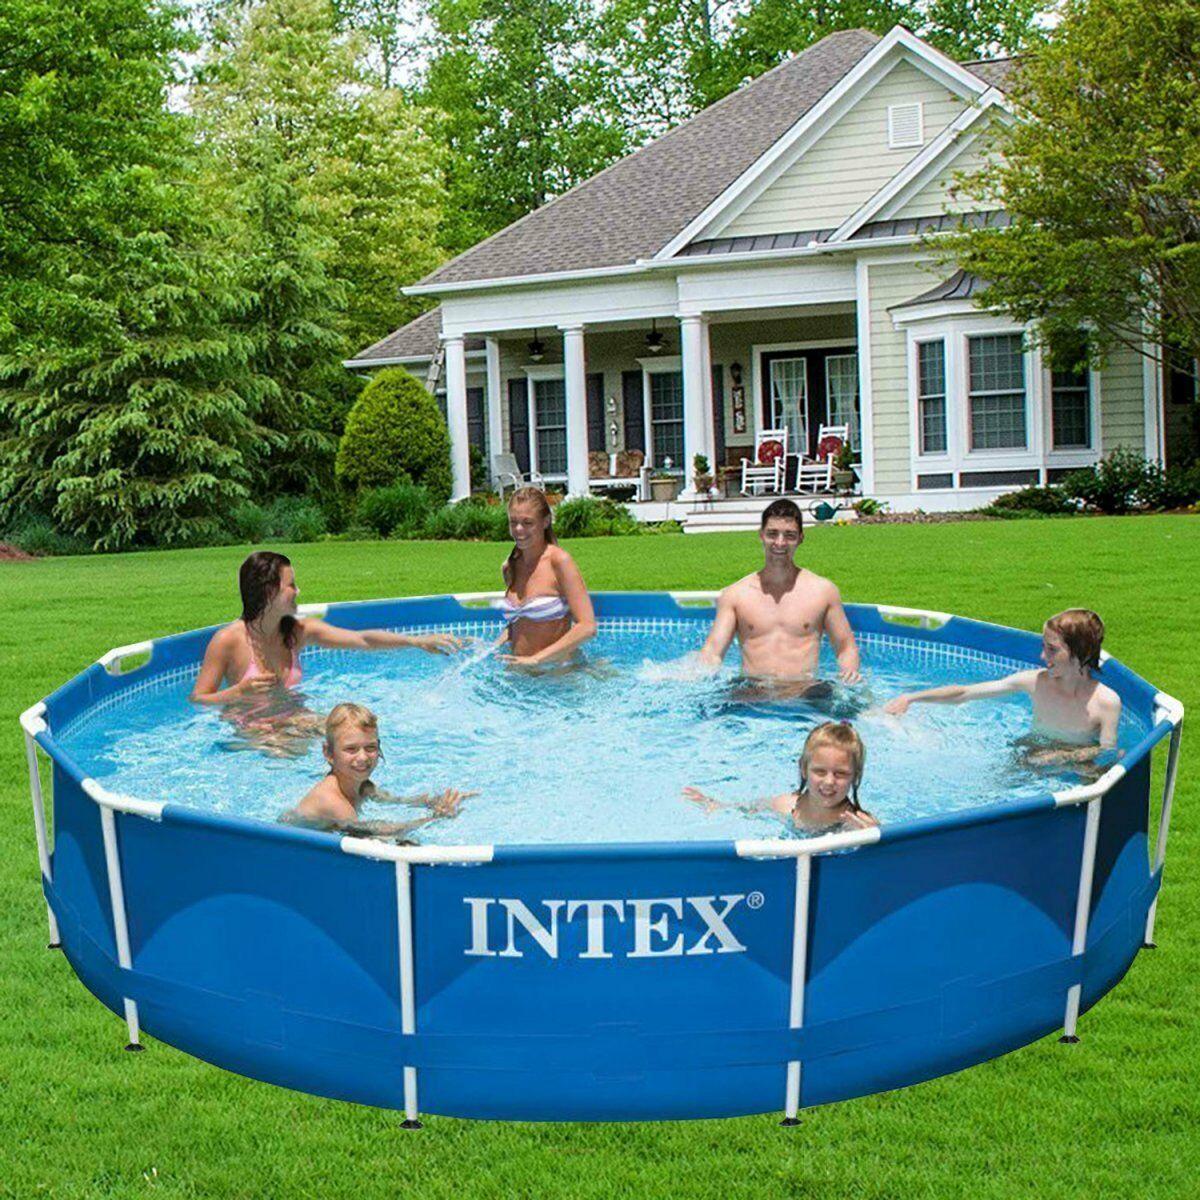 Каркасный бассейн Intex 28212, 366*76 см (2 006 л/ч, насос, объем 6503 л)